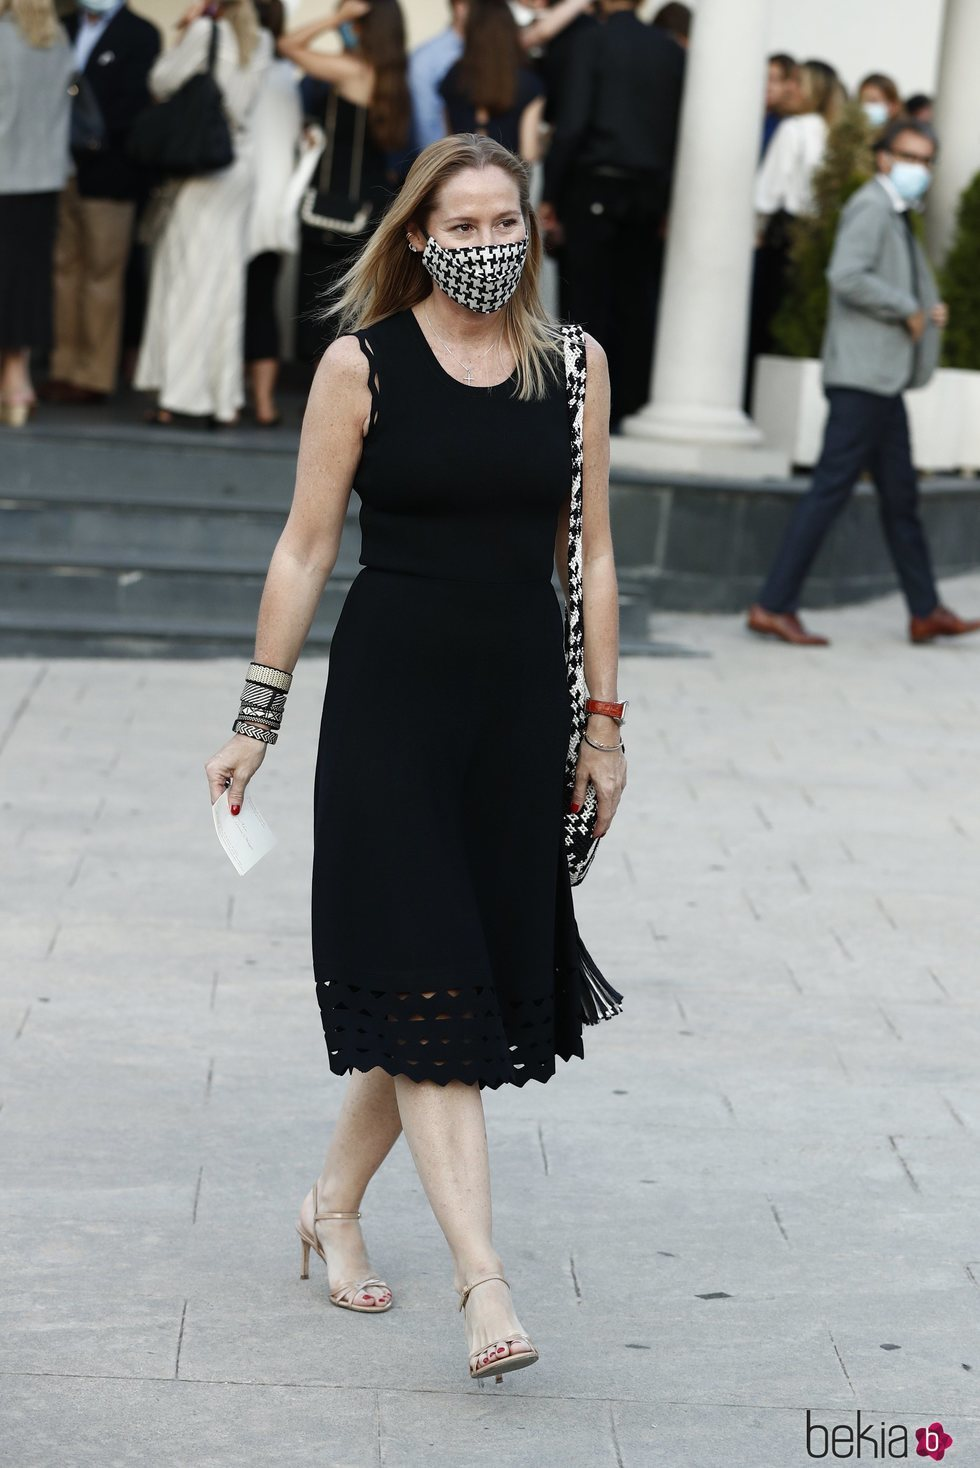 Fiona Ferrer en el funeral de Álex Lequio Obregón en Madrid